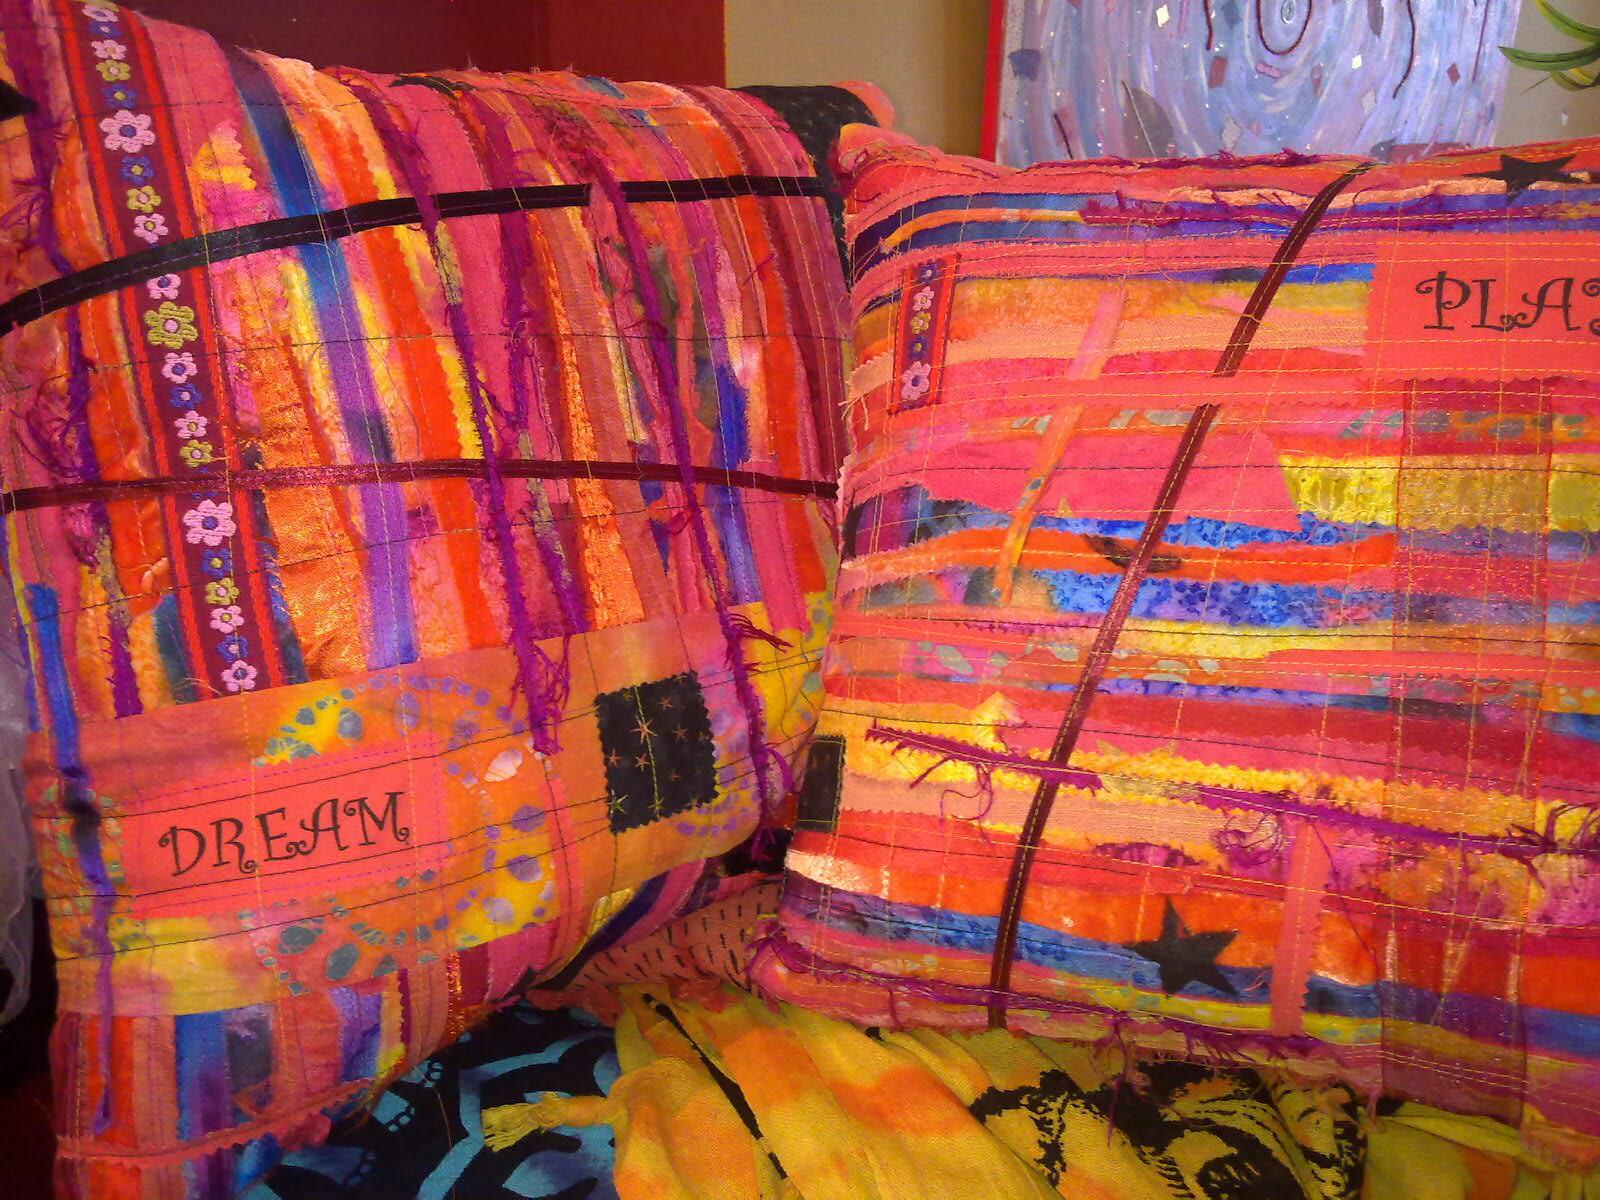 Dream cushion.jpg